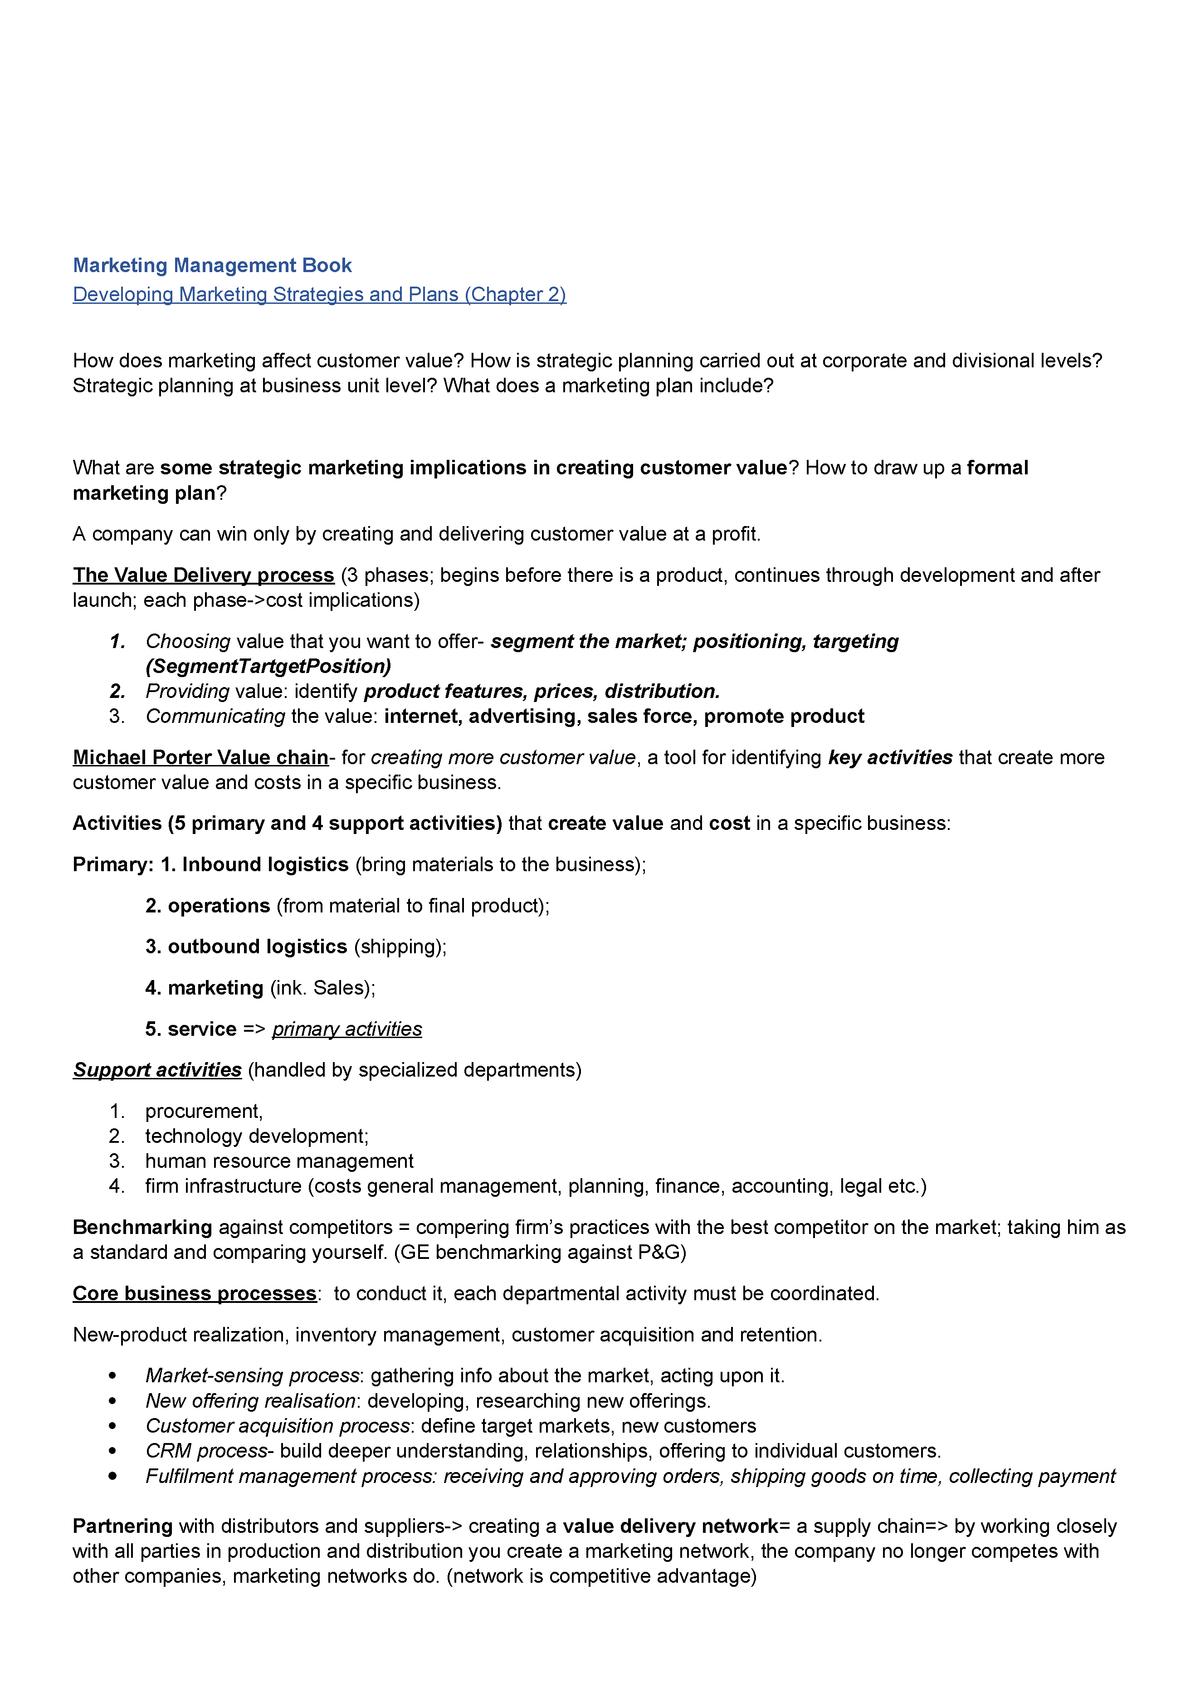 Zusammenfassung für IMM Entry Exam - 5264 - WU Wien - StuDocu